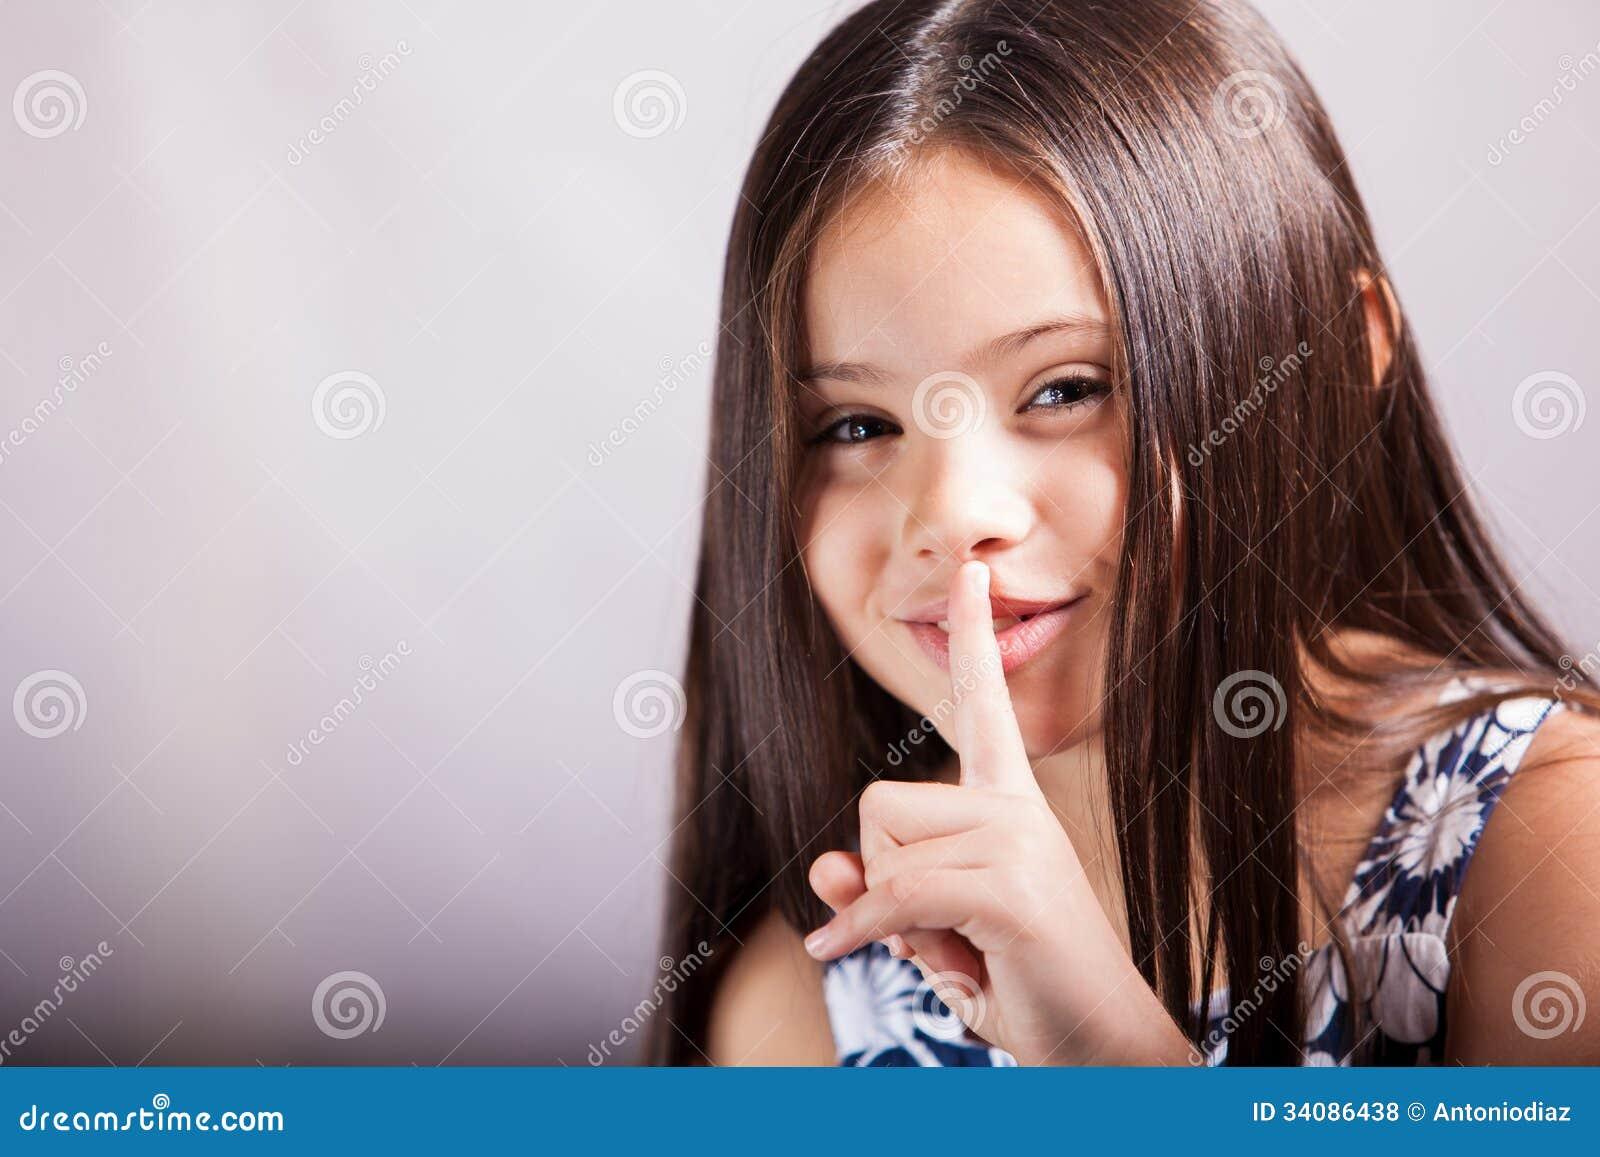 Kunt u een geheim houden?